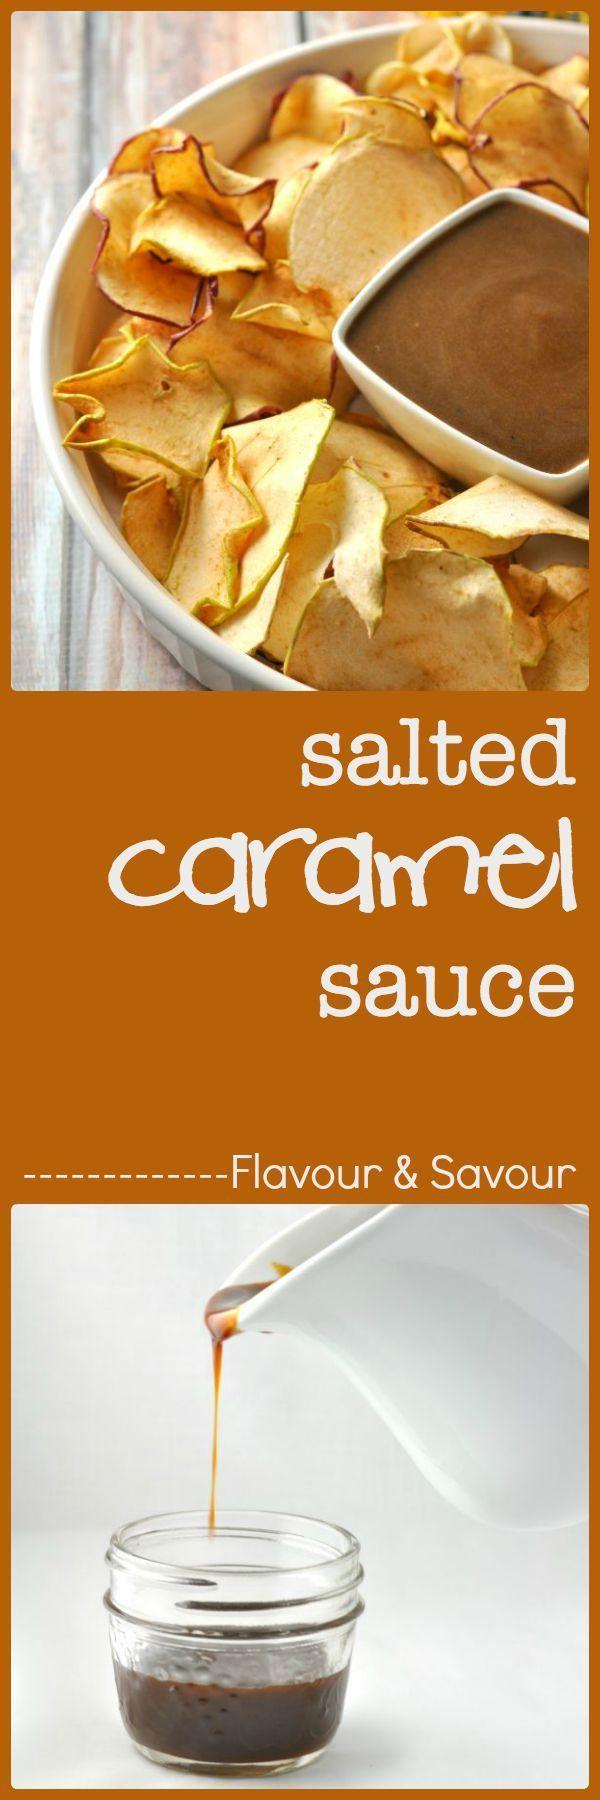 coconut milk salted caramel sauce sauces gf sauces marinades dips ...